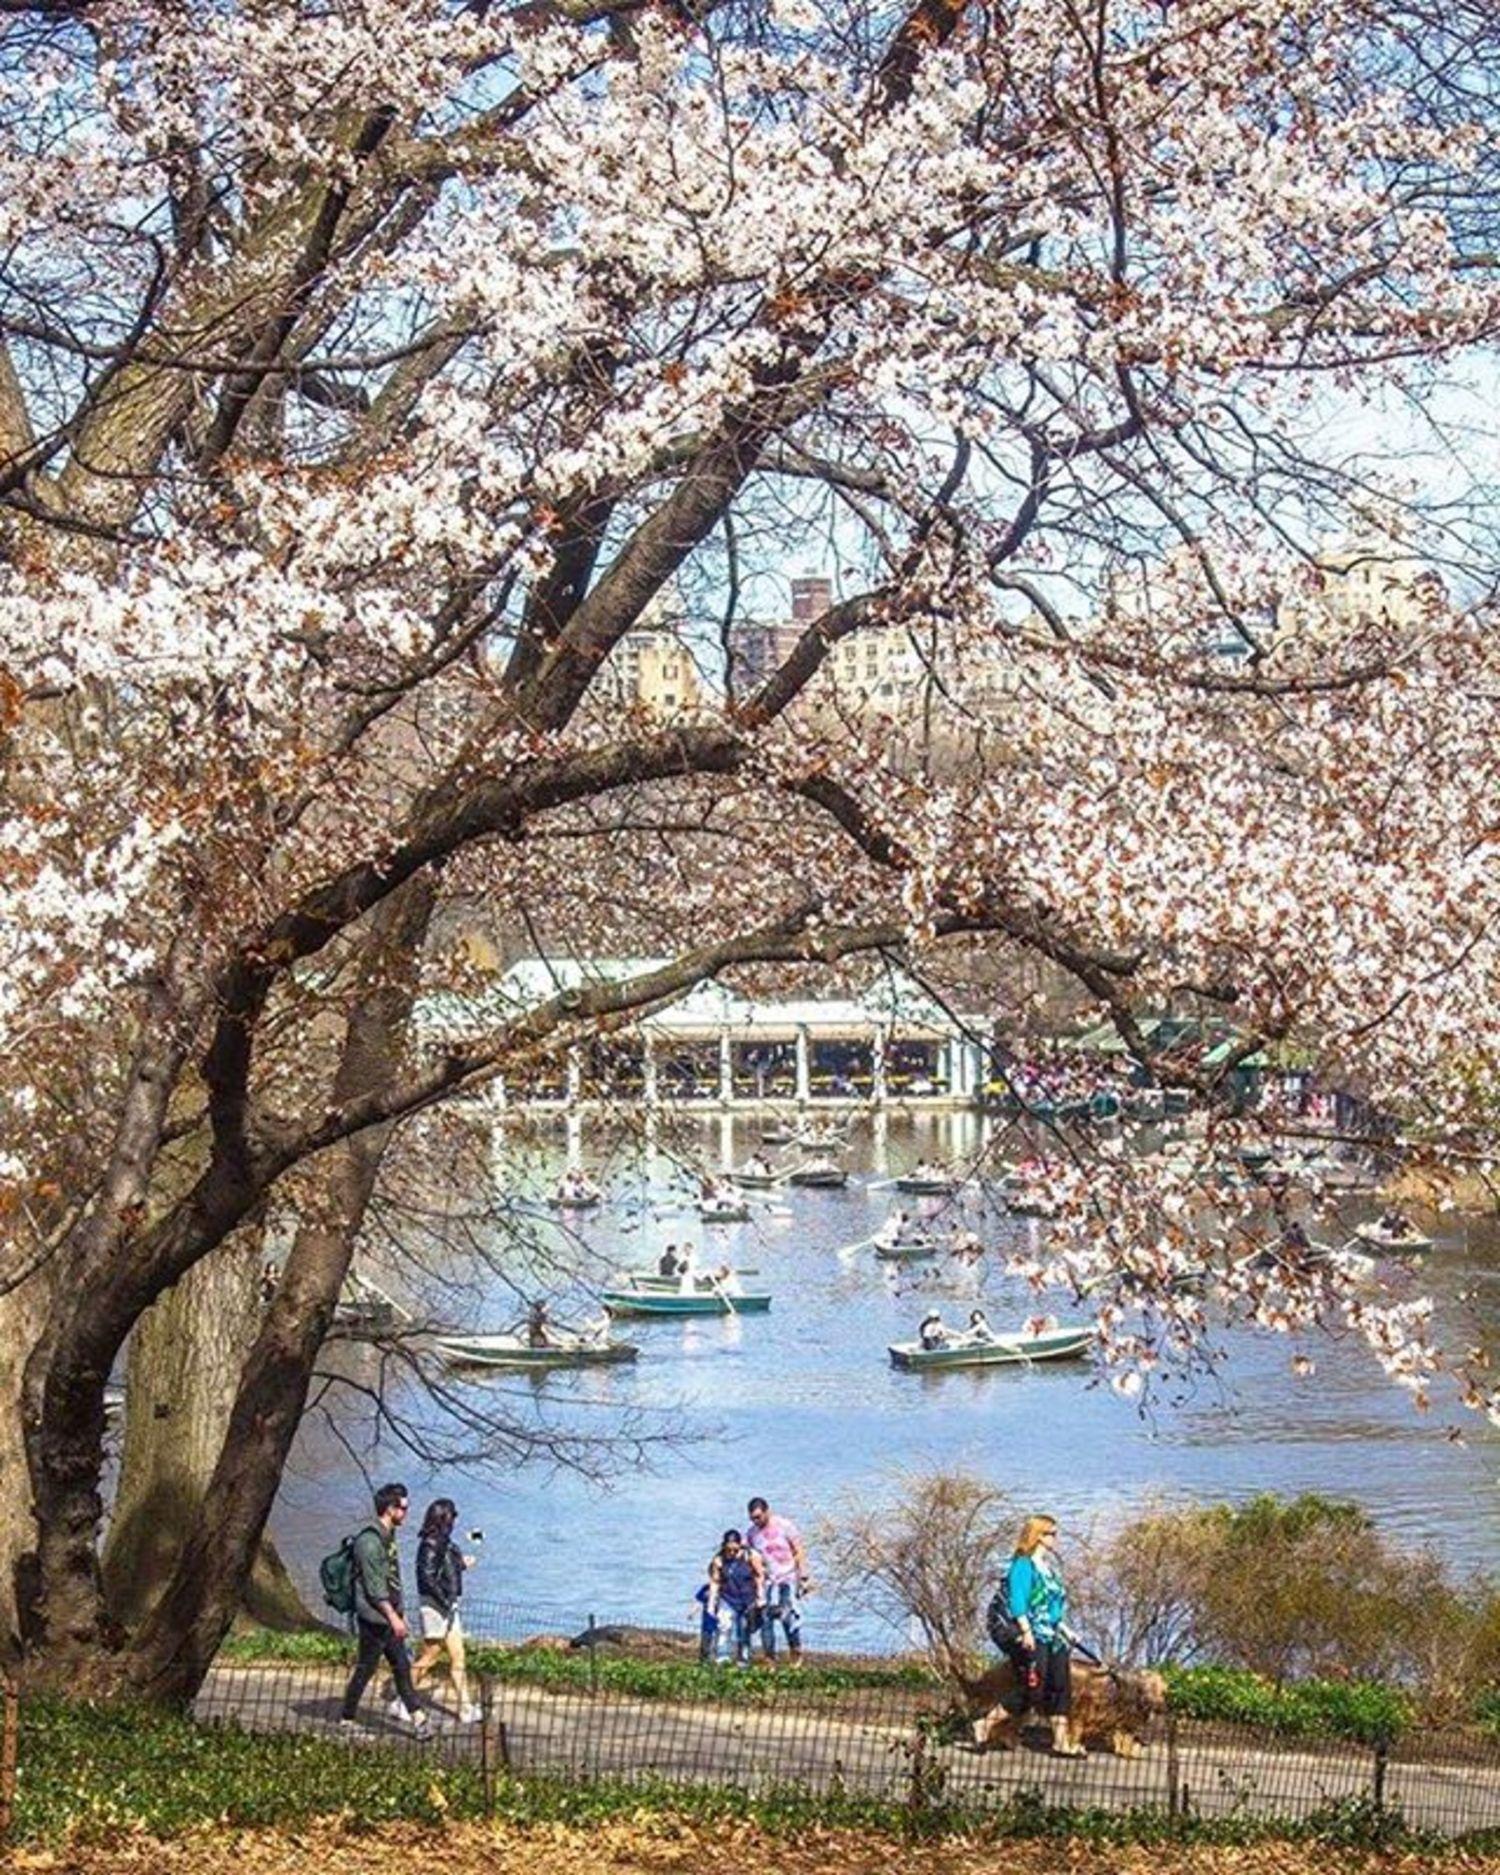 Central Park Lake. Photo via @newyorkcitykopp #viewingnyc